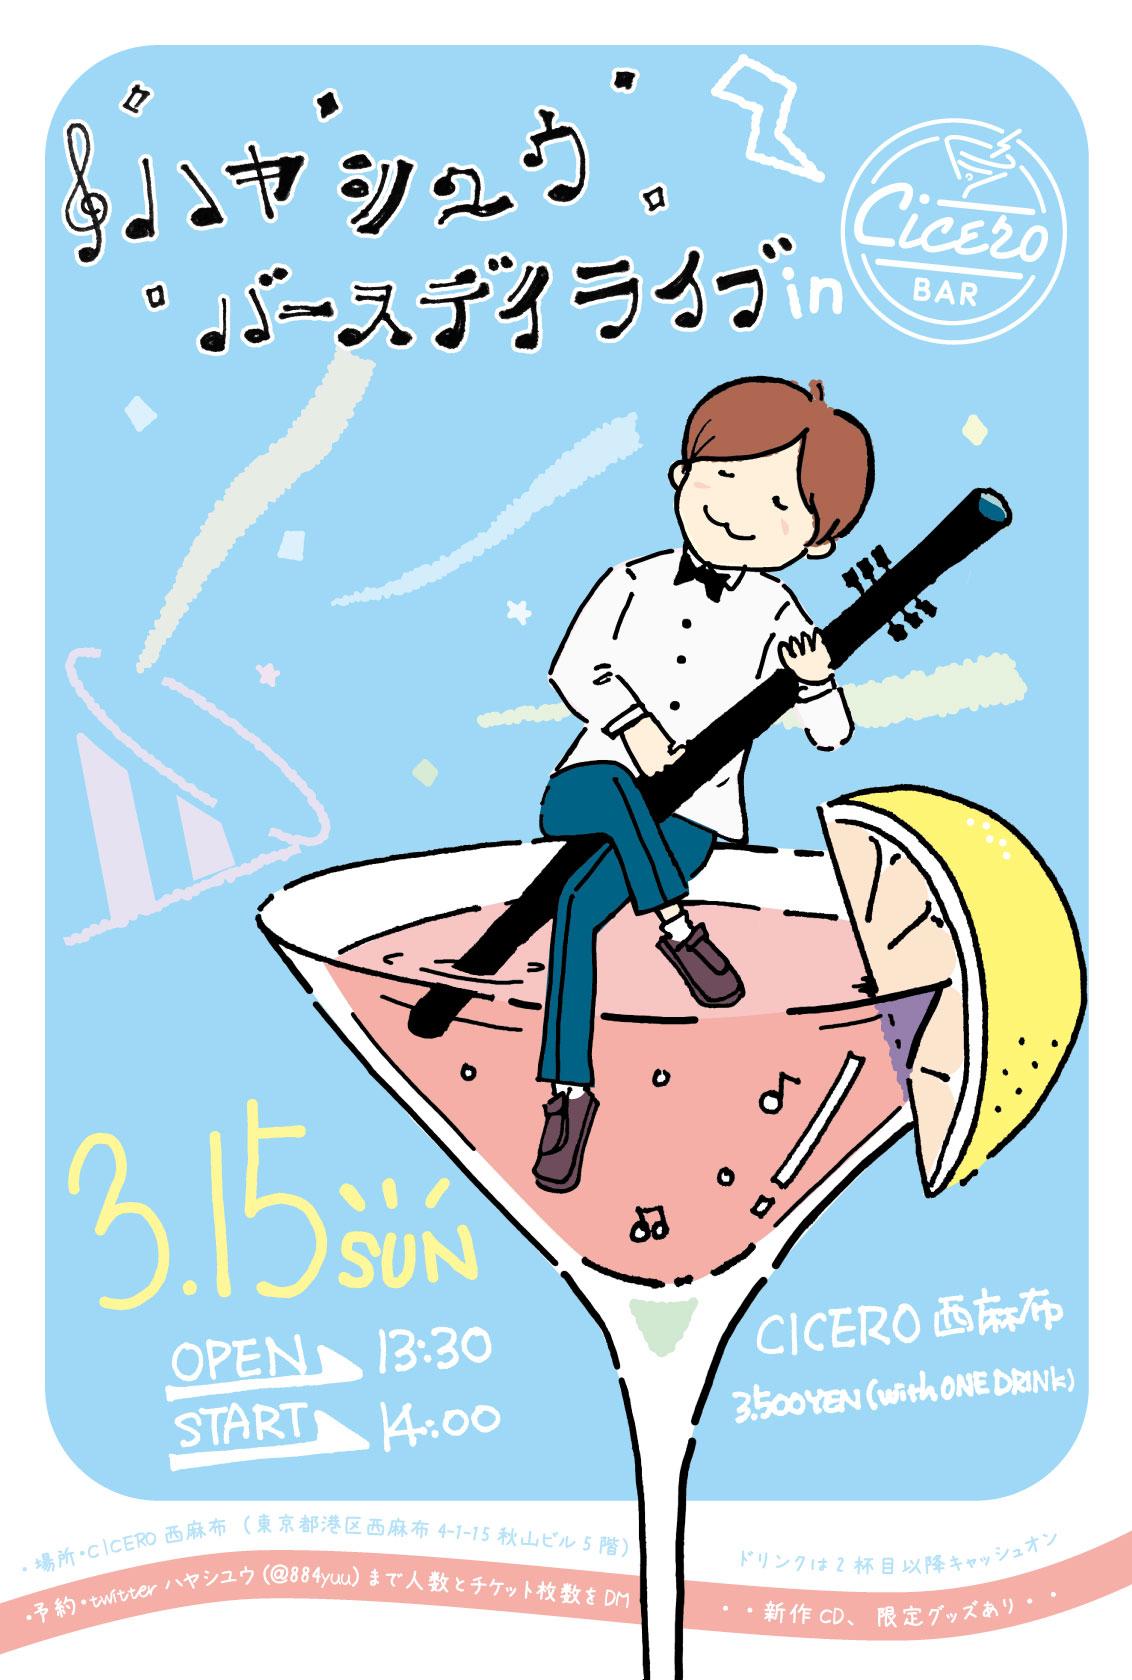 3月15日(日)「ハヤシユウバースデーライブ」を開催します!